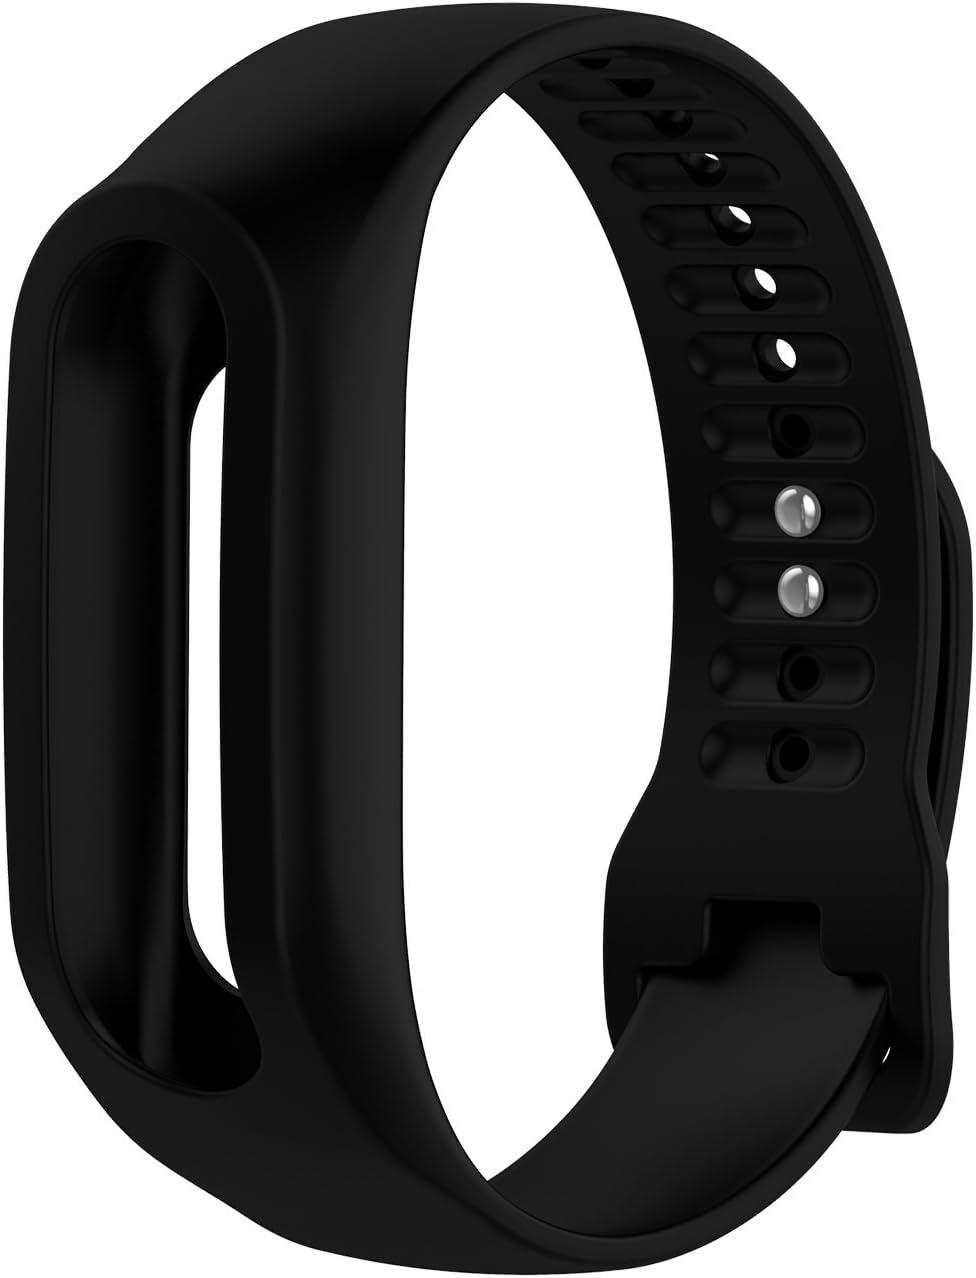 TomTom Touch Correa de reloj de silicona, correa de repuesto para TomTom Touch Cardio, rastreador de actividad deportiva, GPS Fitness Tracker